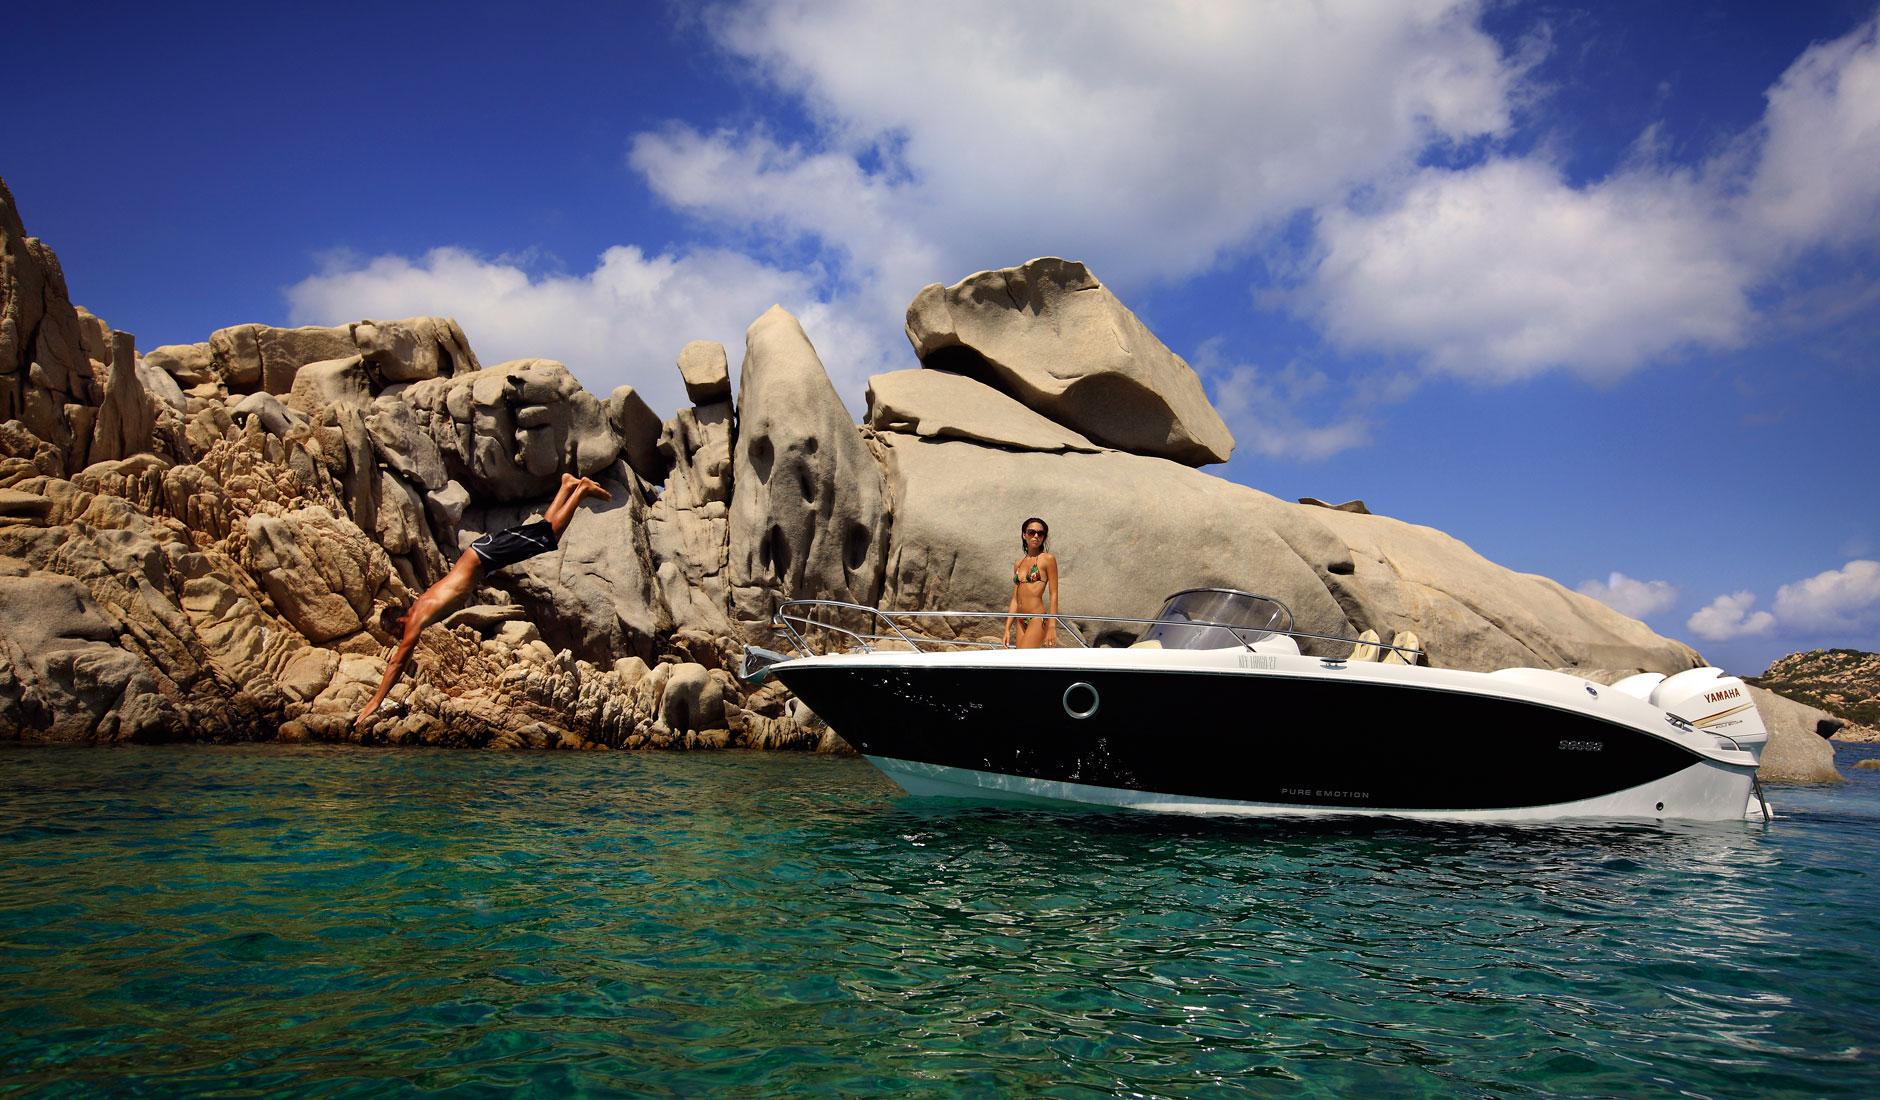 Sessa Marine Key Largo 27 Outboard Фото № 7